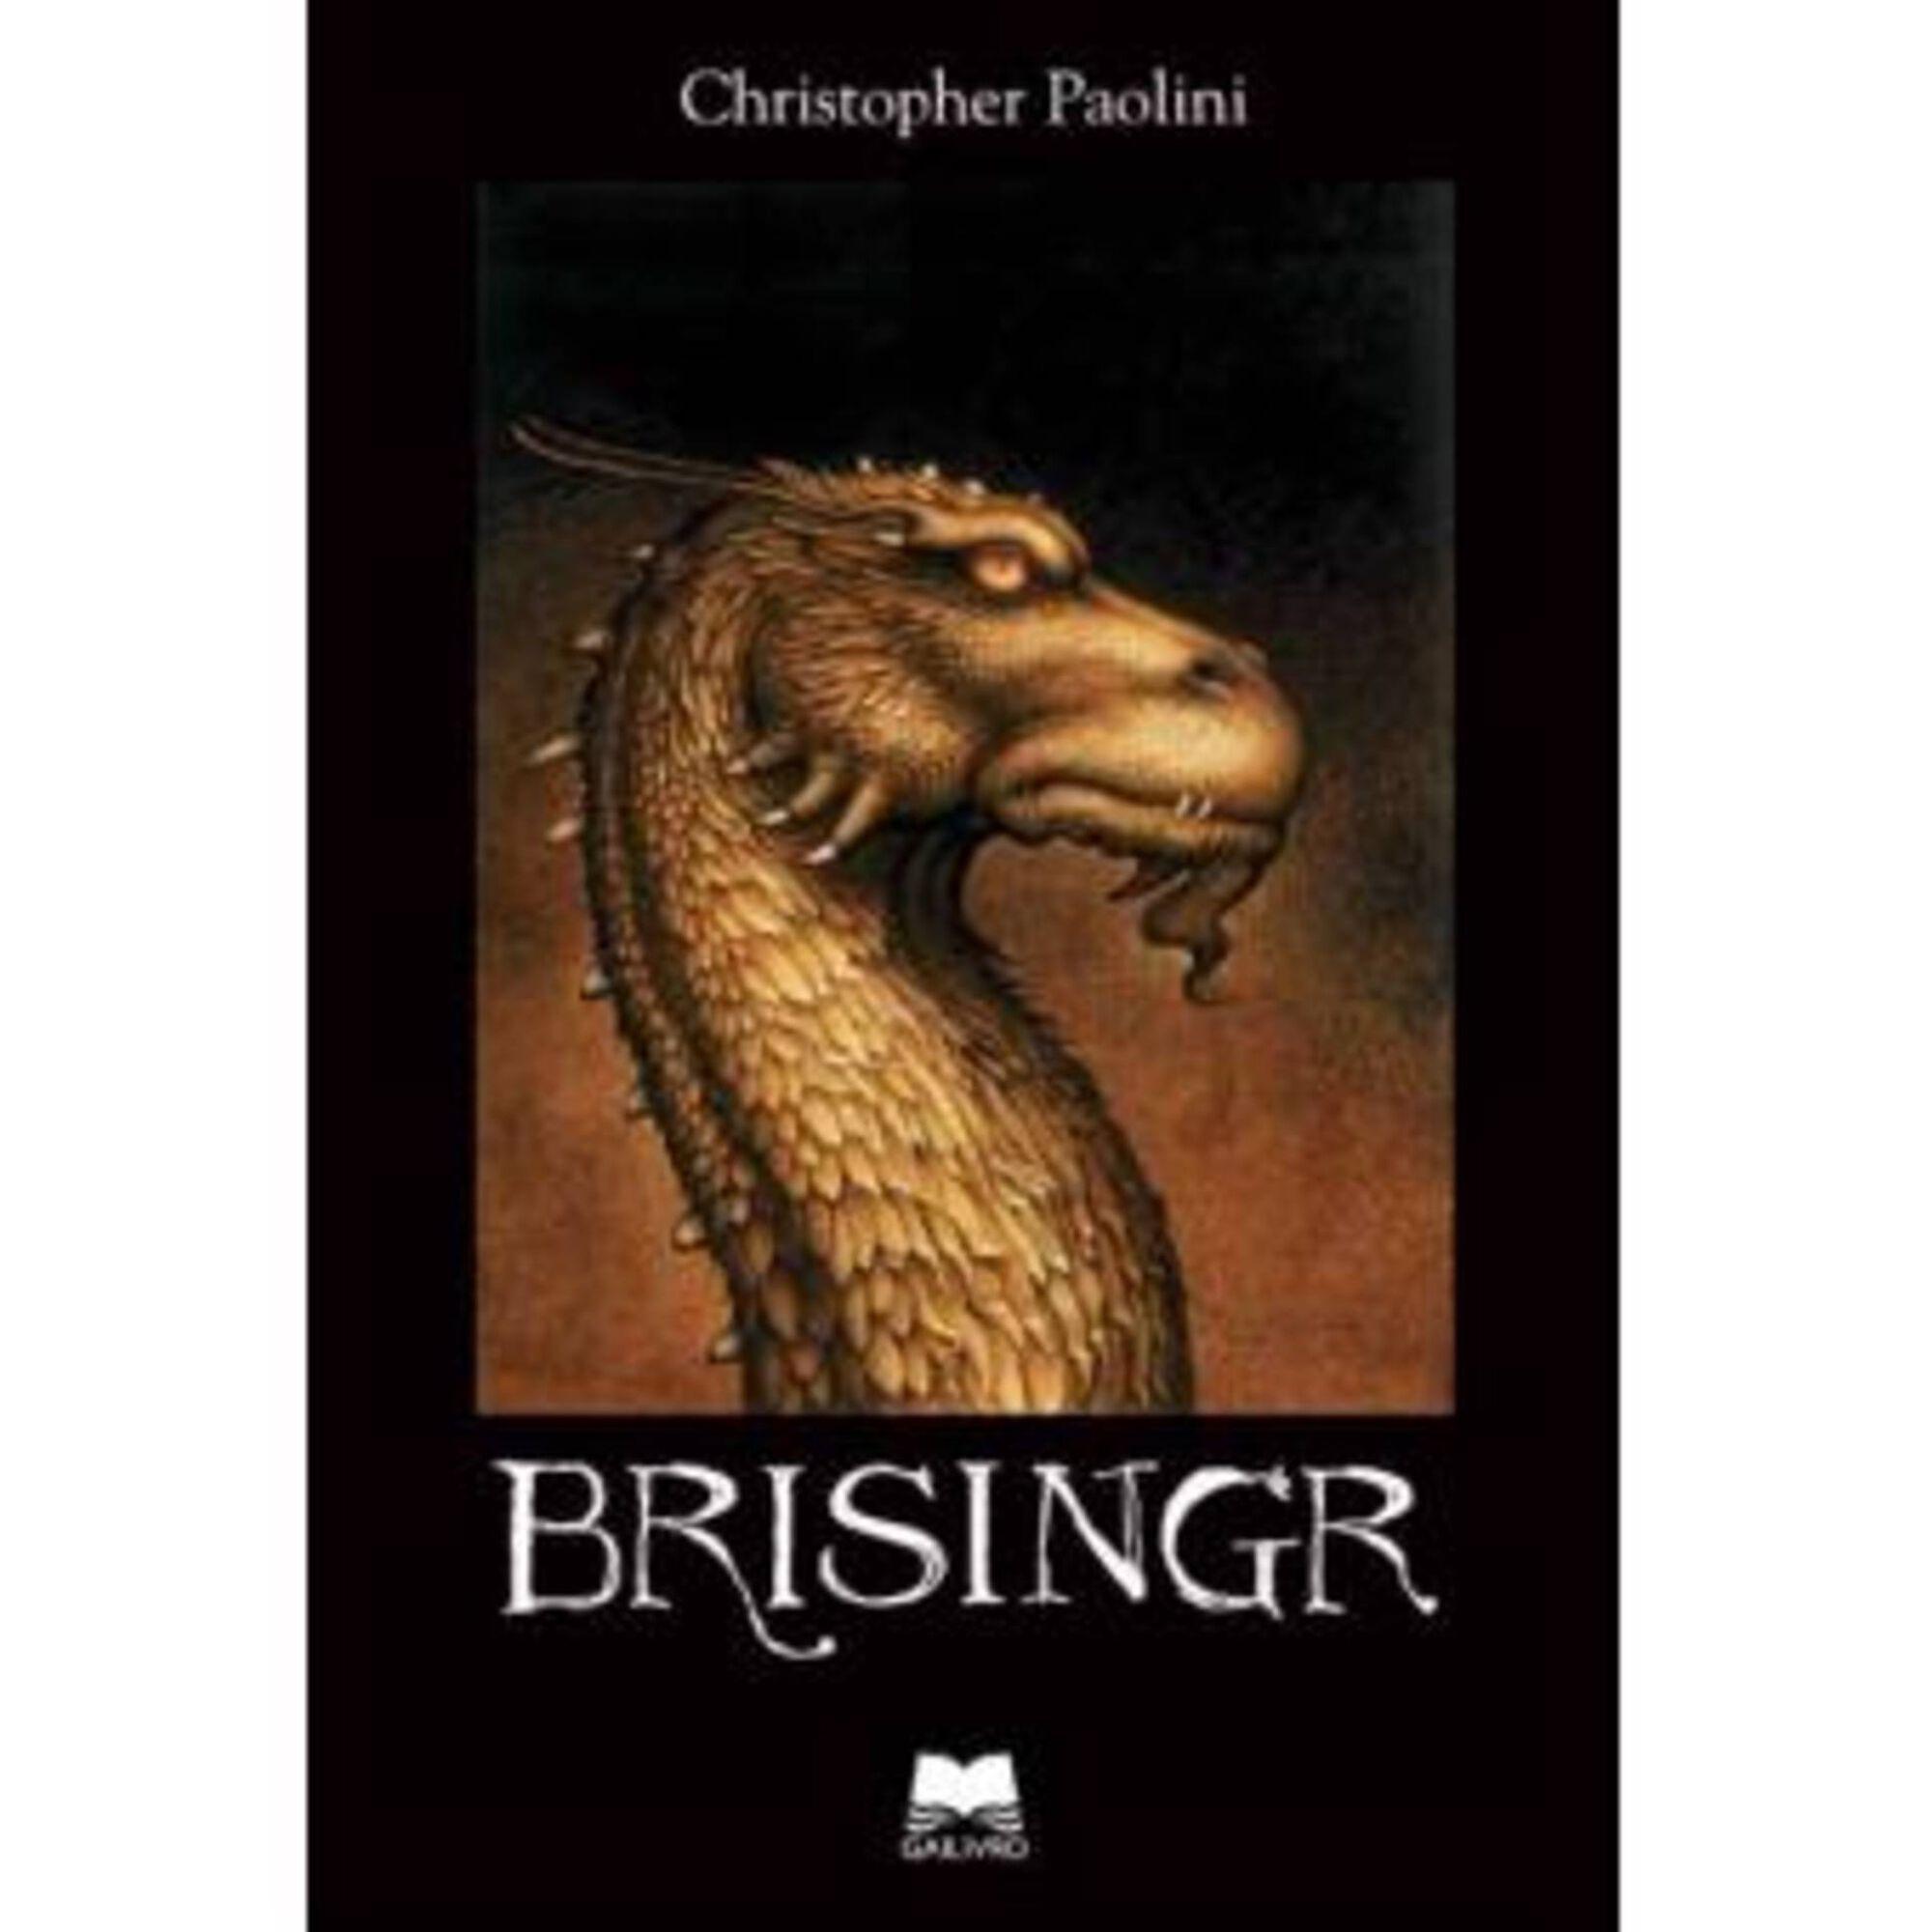 Ciclo da Herança Nº 3 - Brisingr